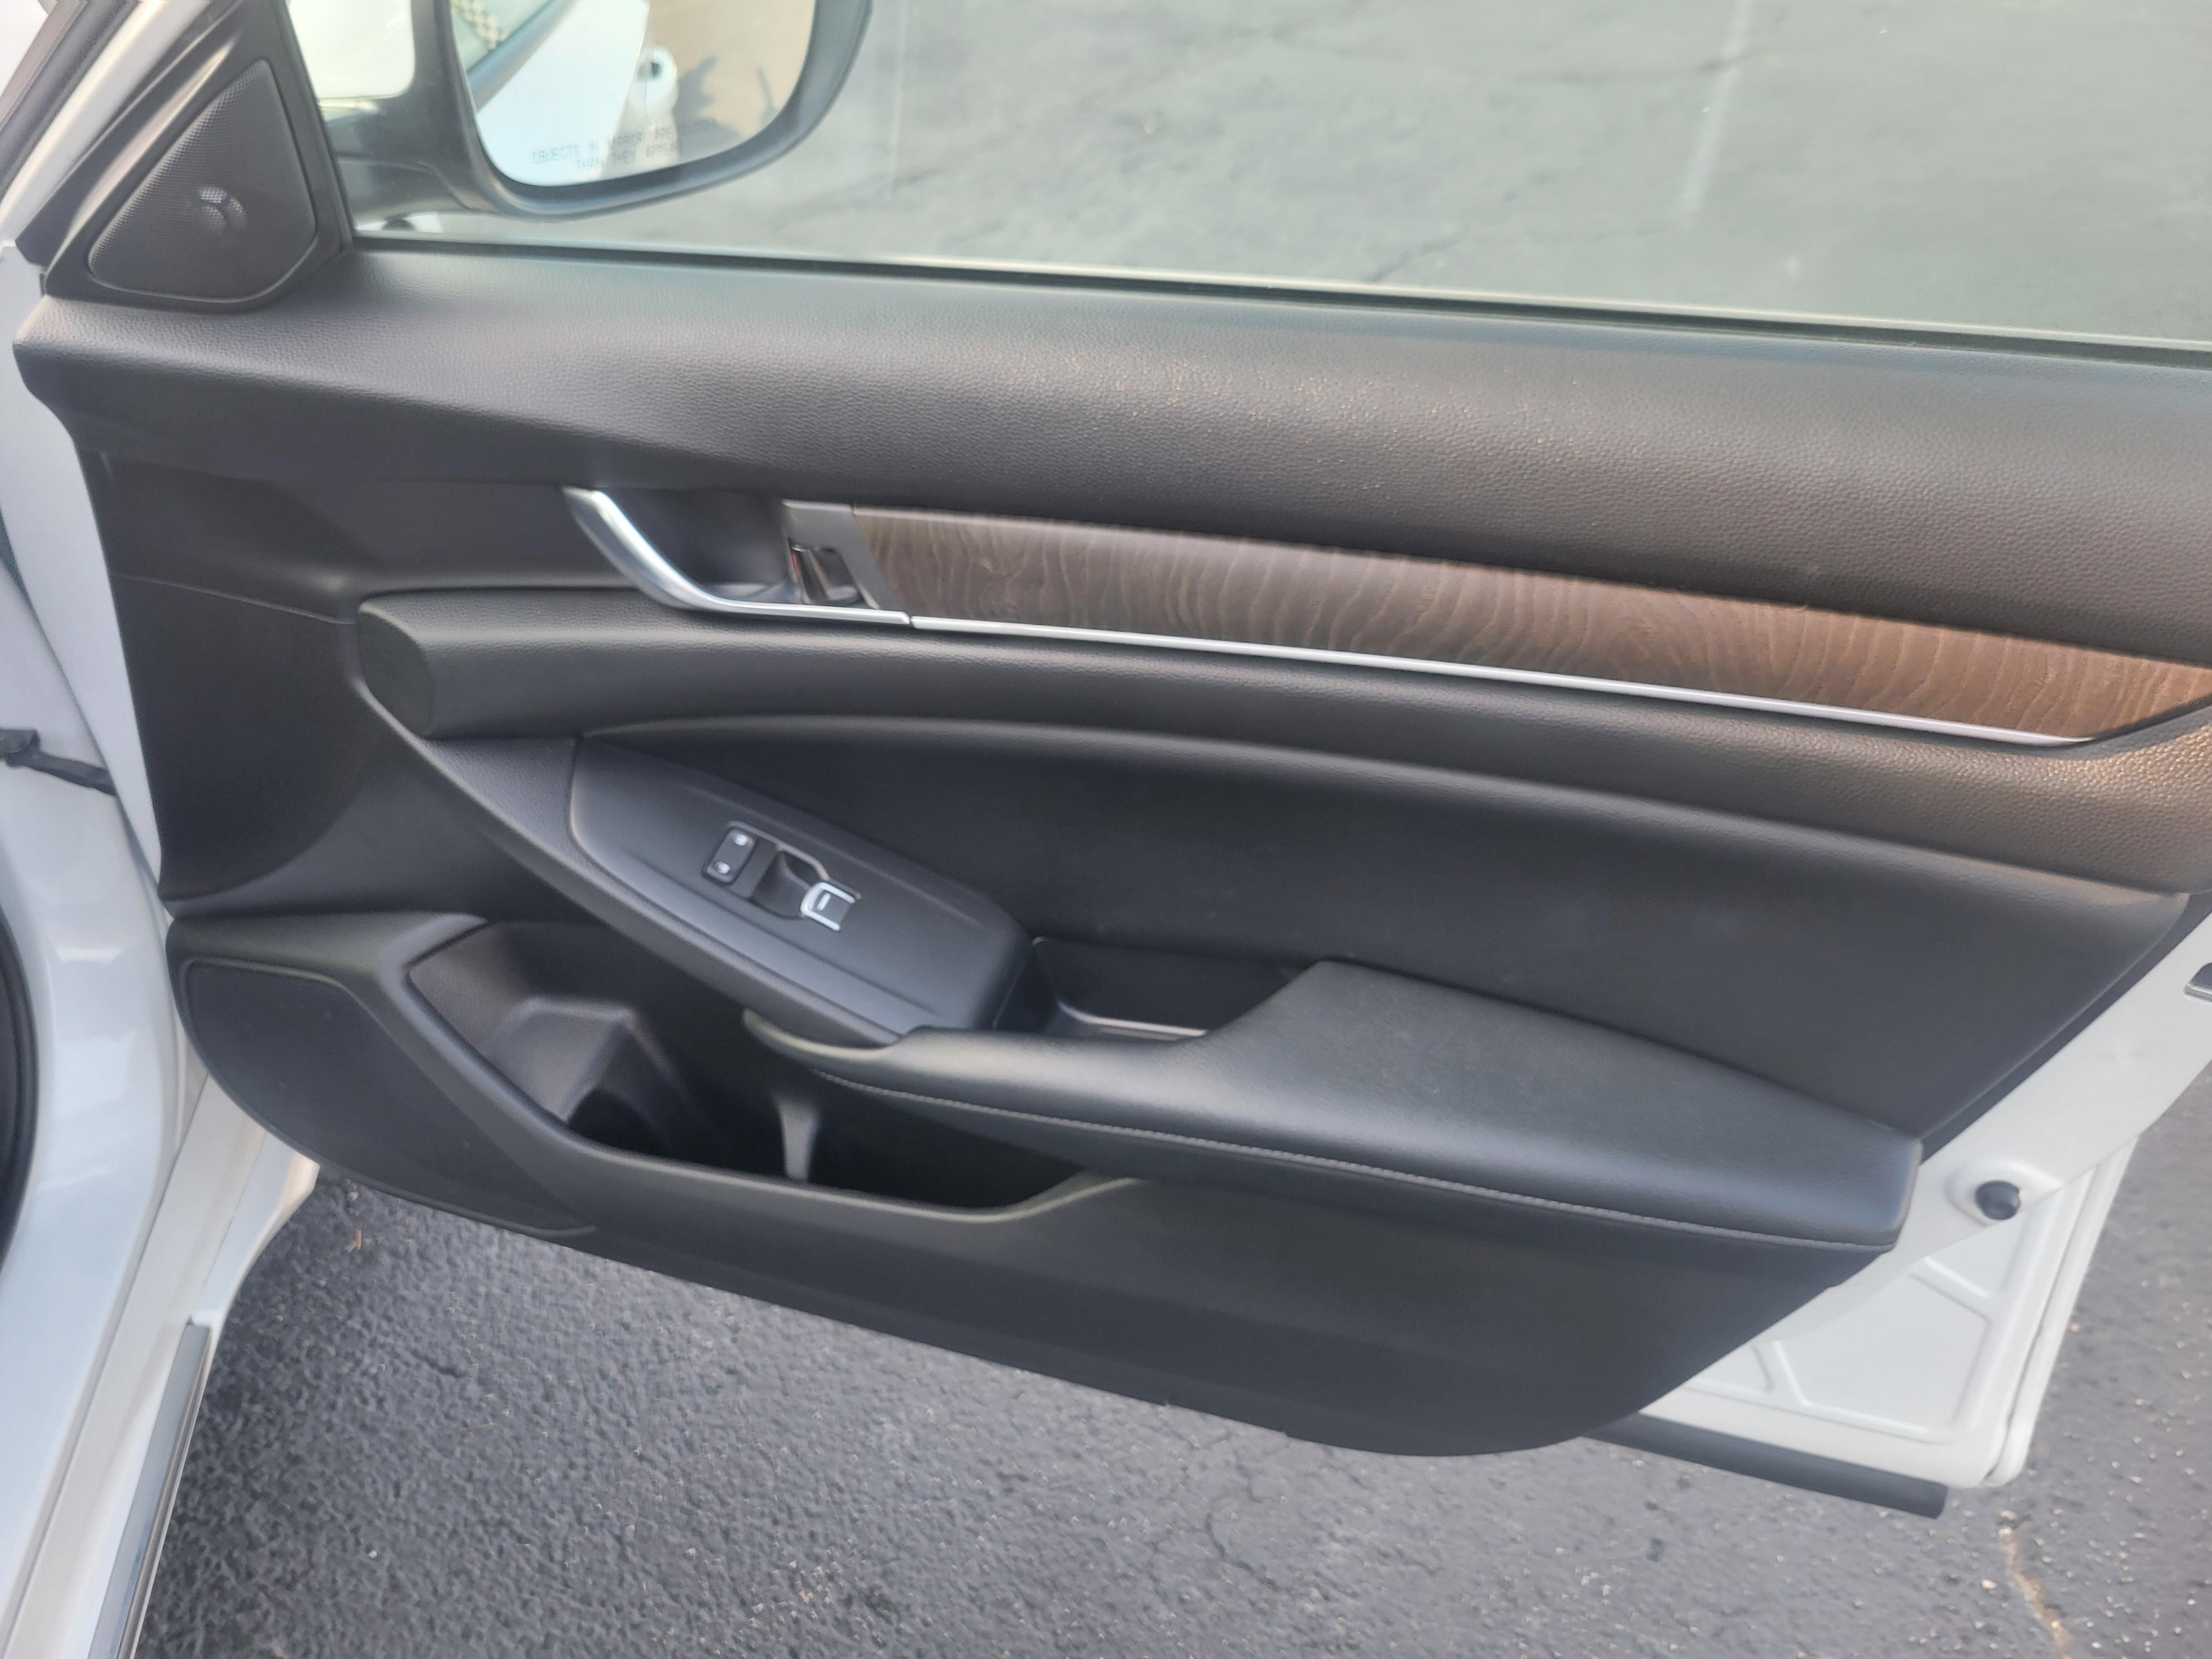 used vehicle - Sedan HONDA ACCORD 2018